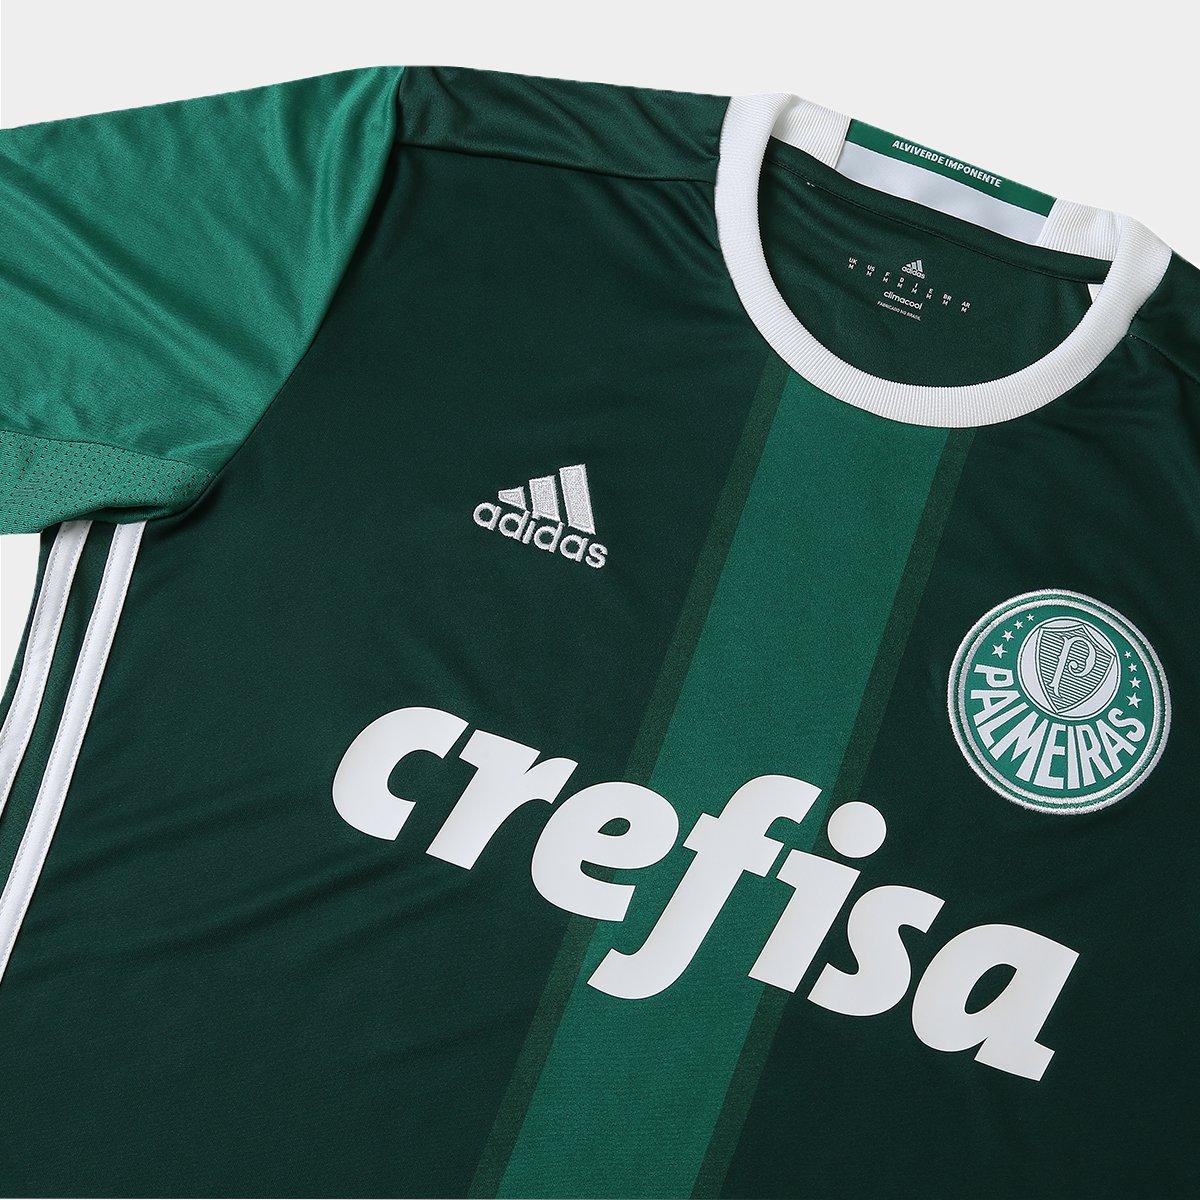 Camisa Palmeiras I 2016 s nº Torcedor Adidas Masculina - Compre ... 93151798f17b2